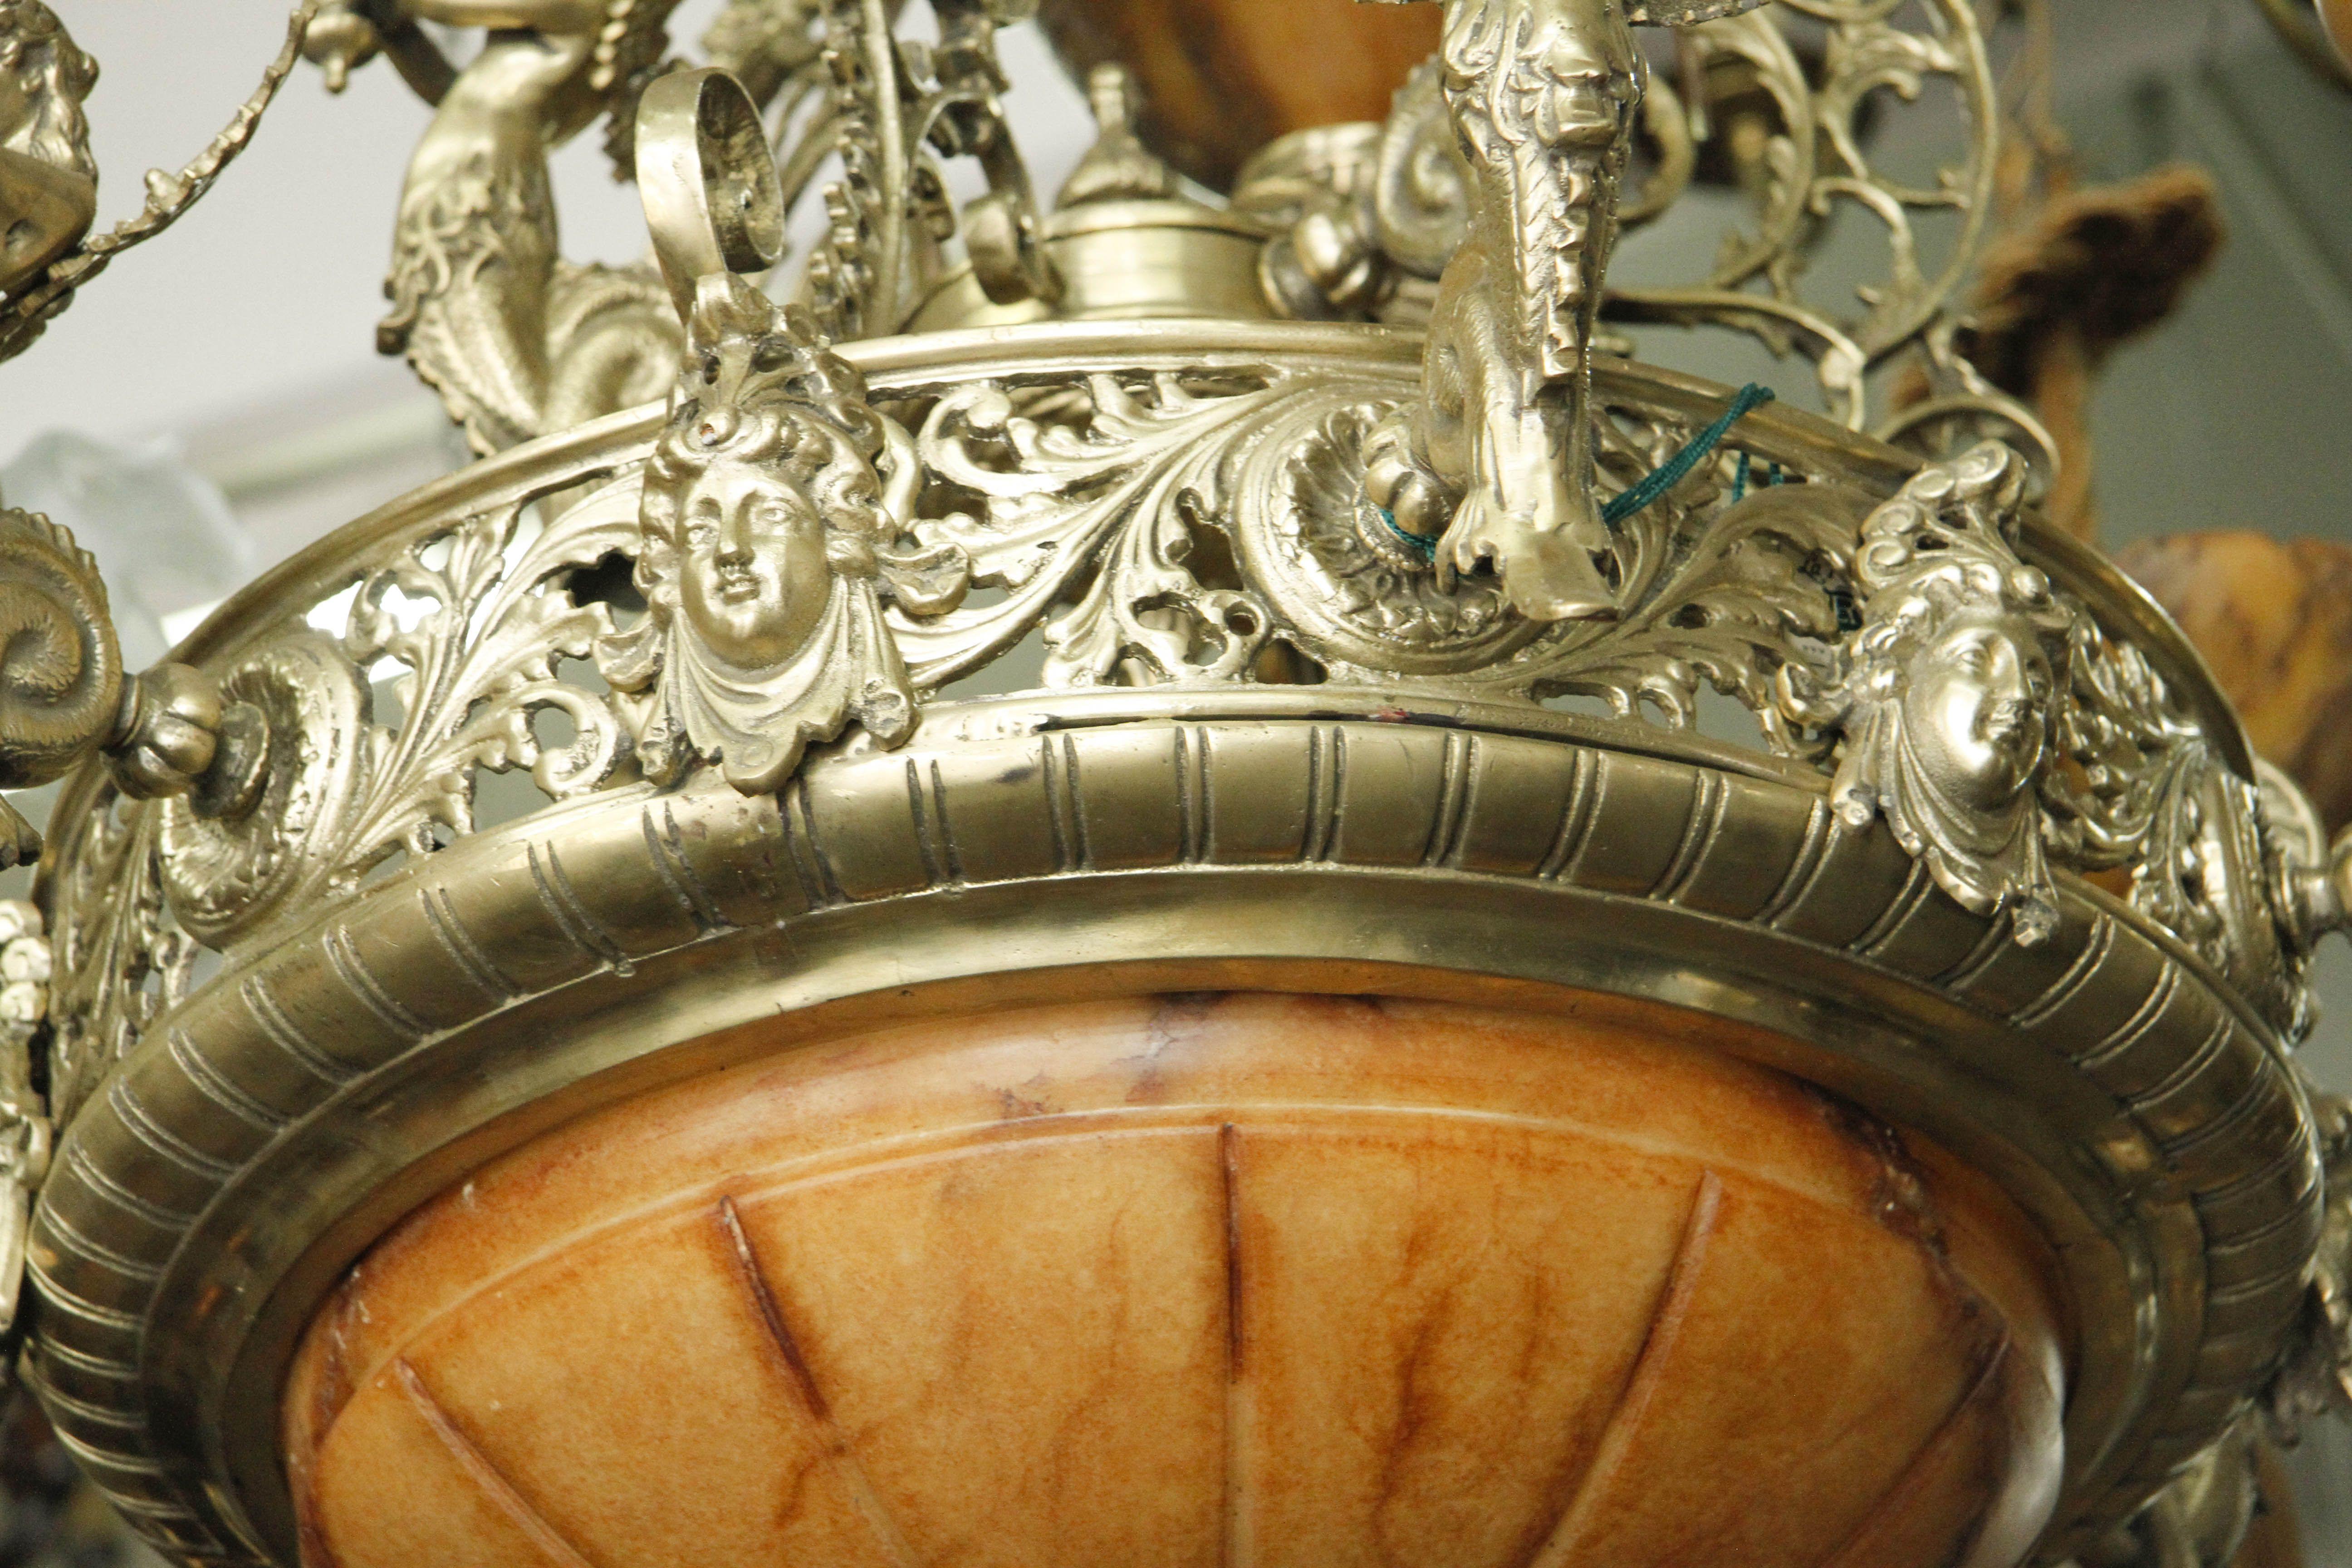 Araña de bronce con tulipas de Alabastro. 9 luces www.larueda.com